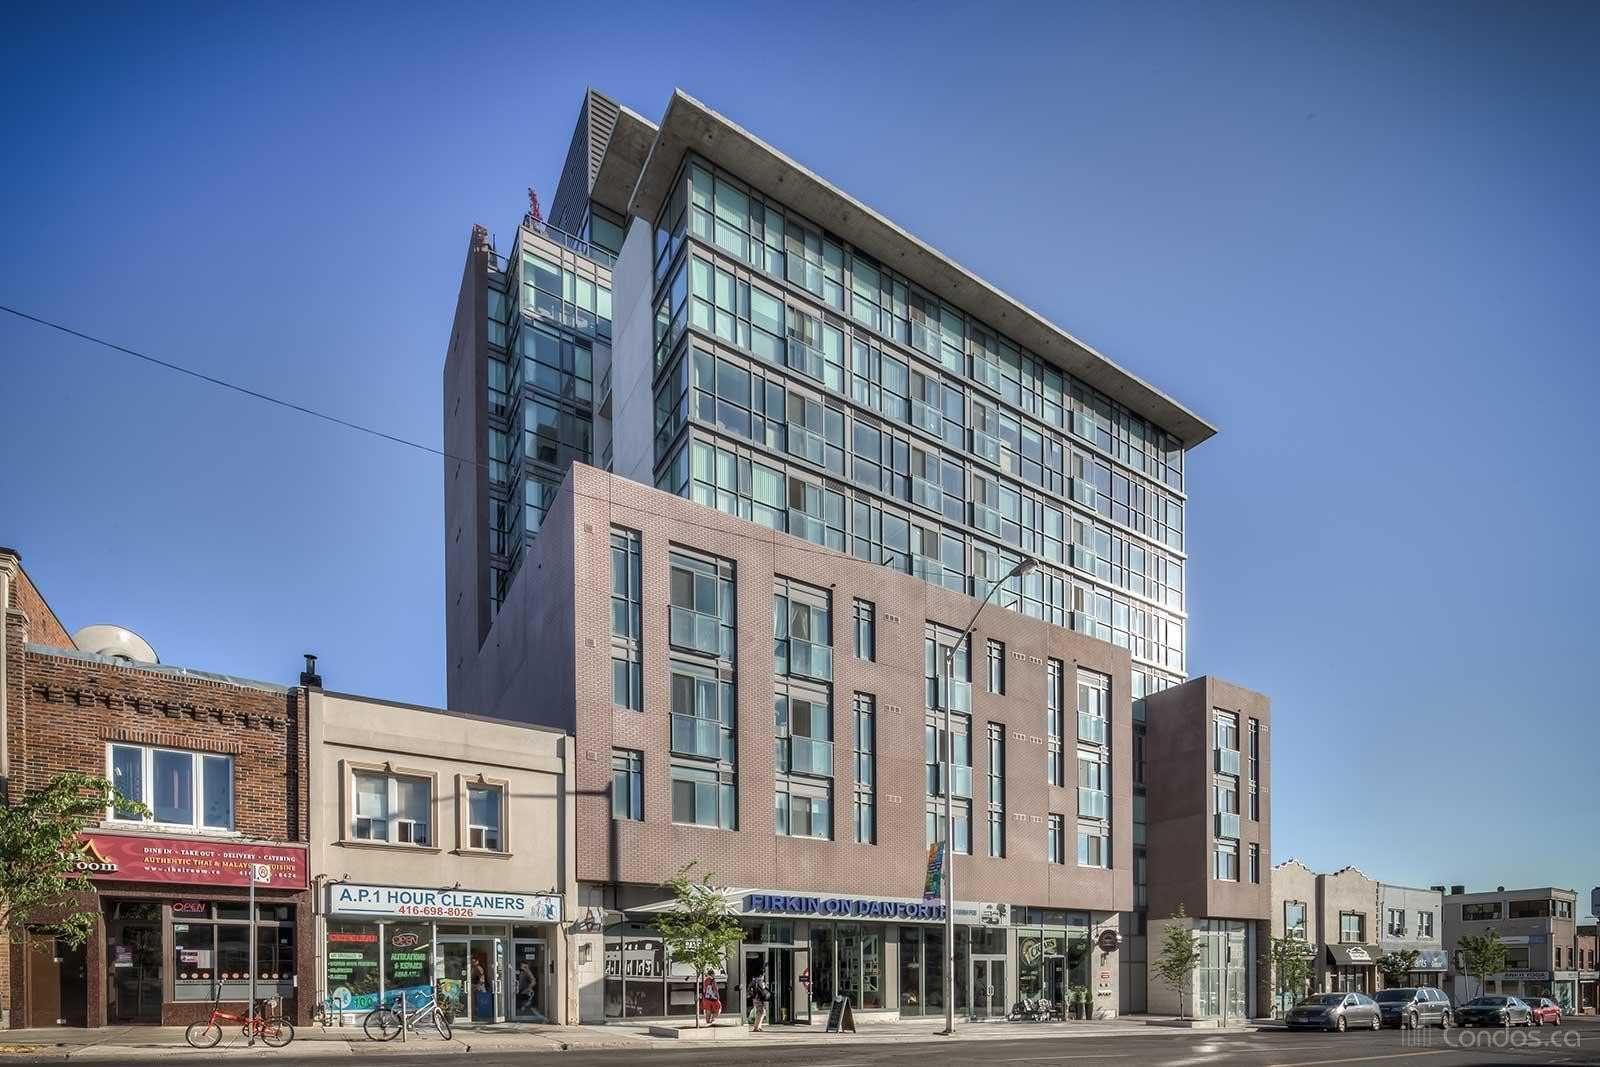 Main Photo: 305 2055 Danforth Avenue in Toronto: Woodbine Corridor Condo for lease (Toronto E02)  : MLS®# E4636411